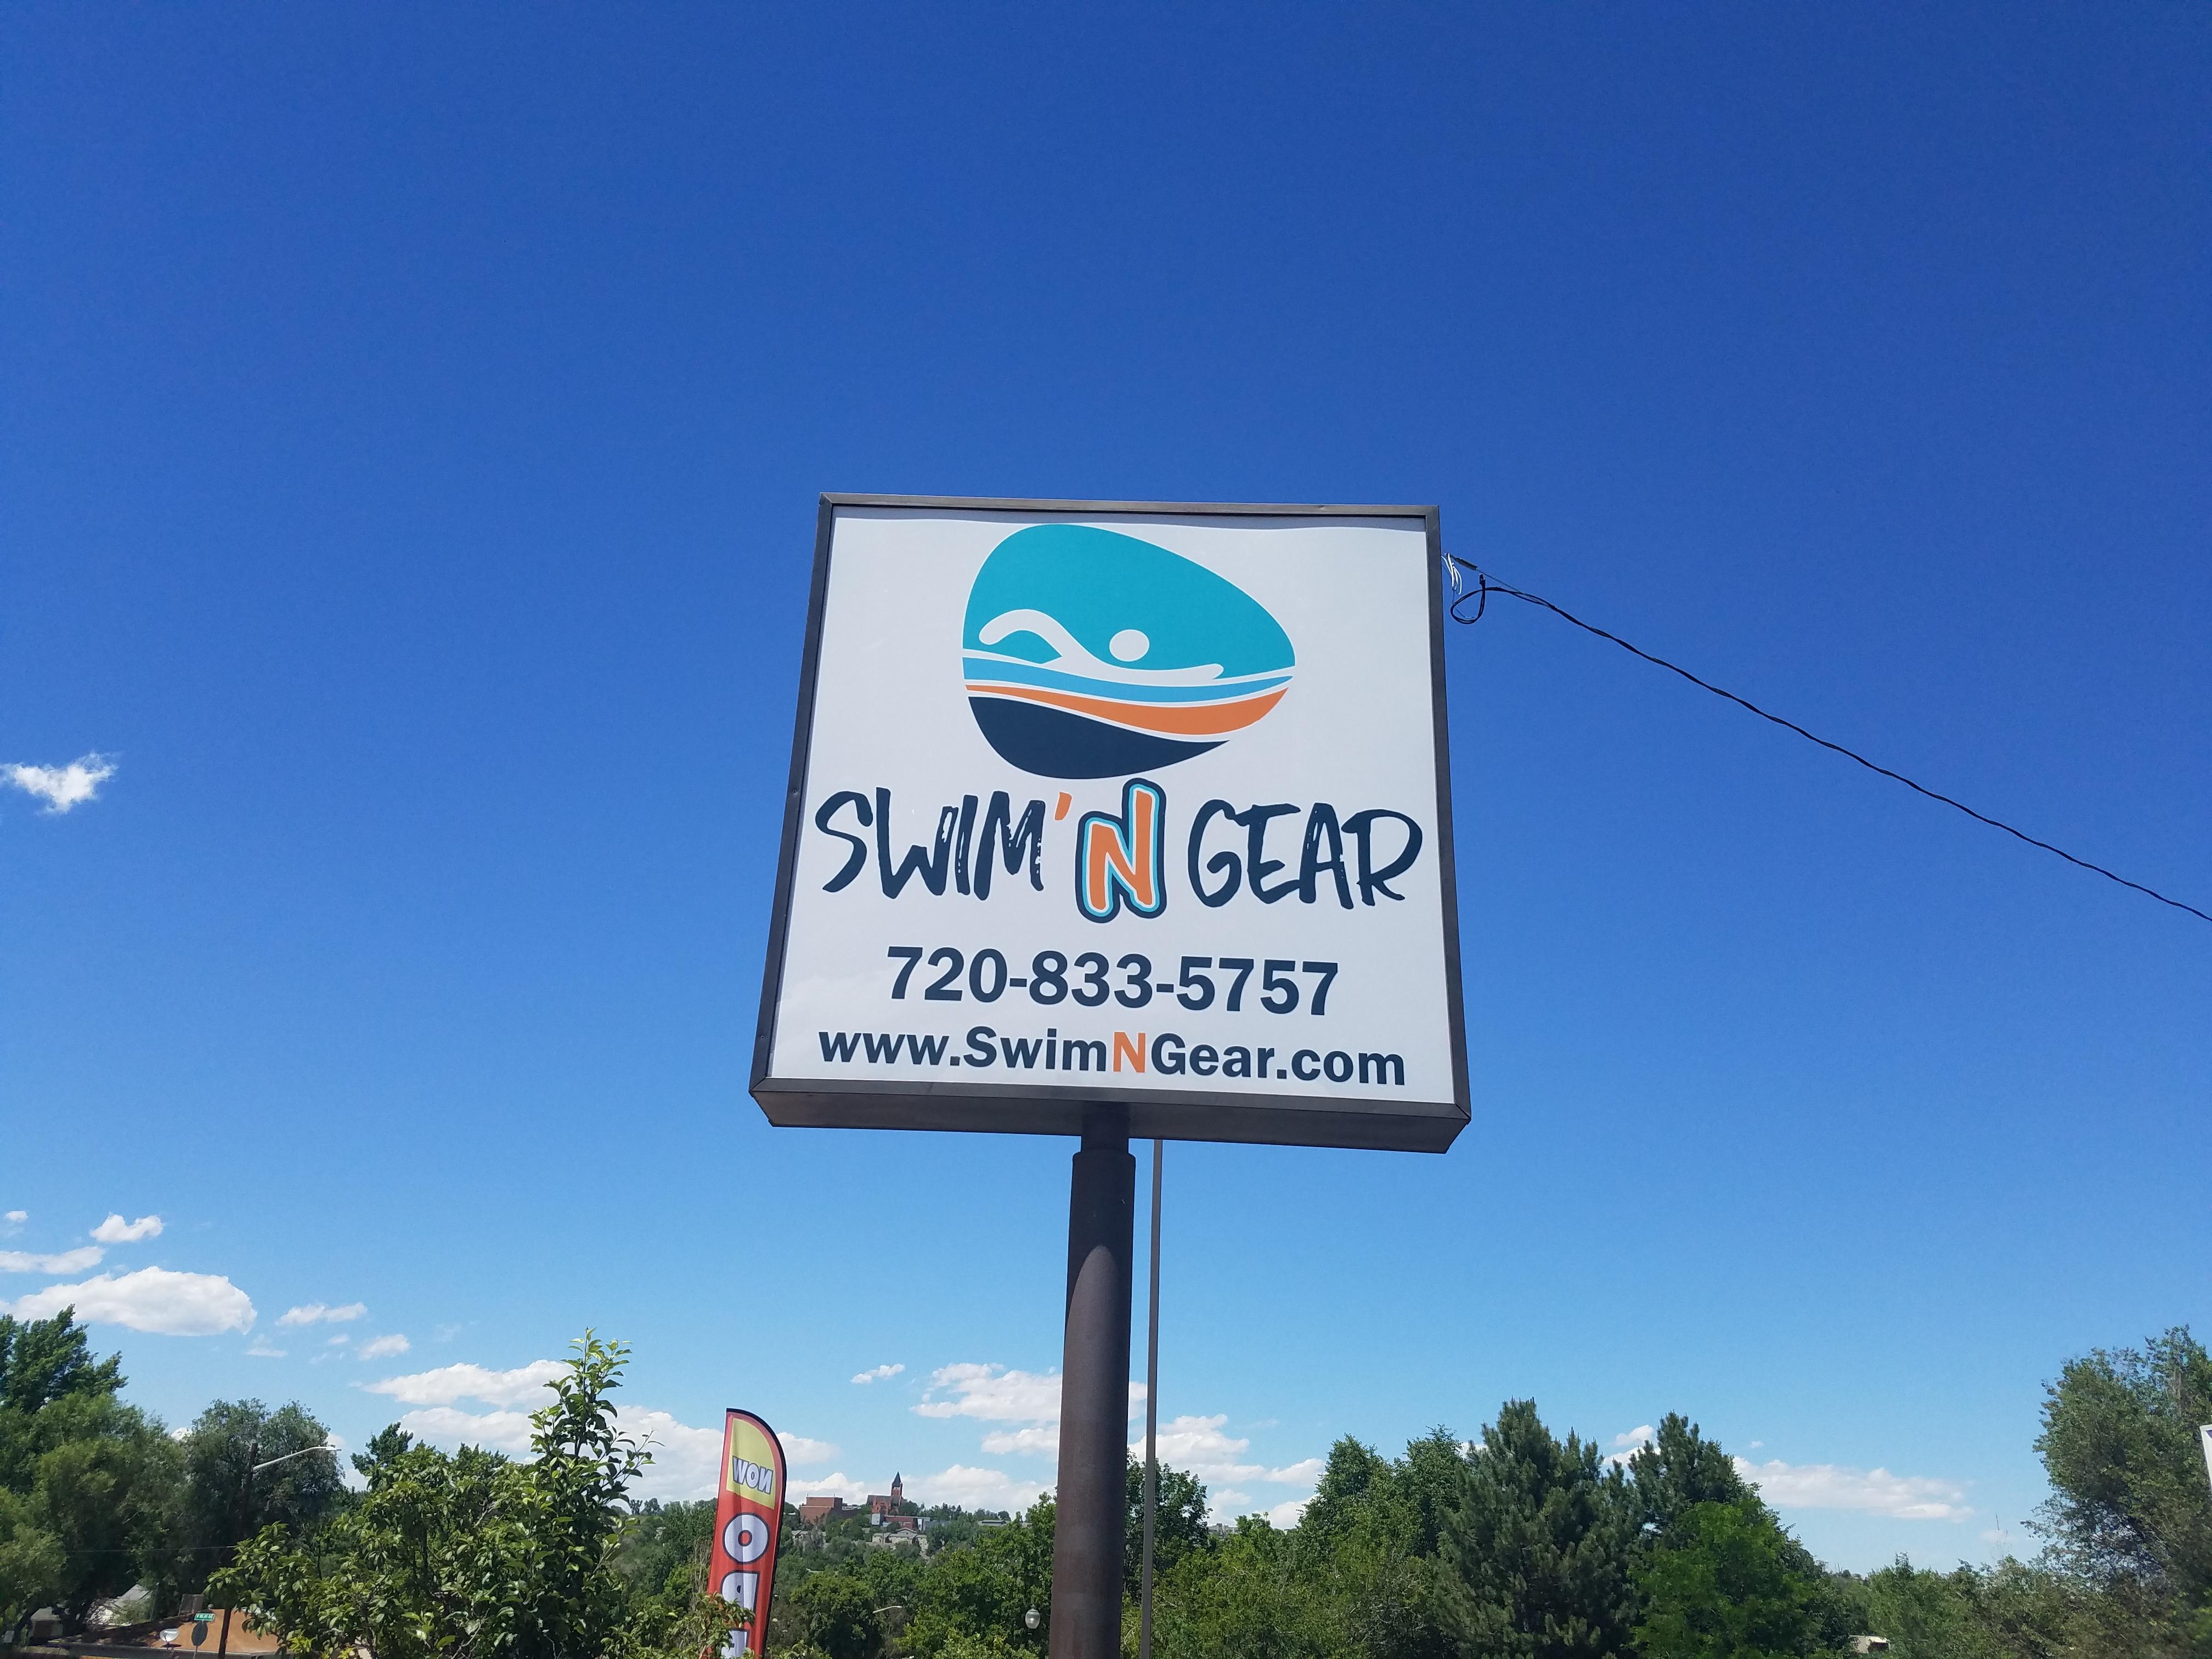 Swim' N Gear image 2